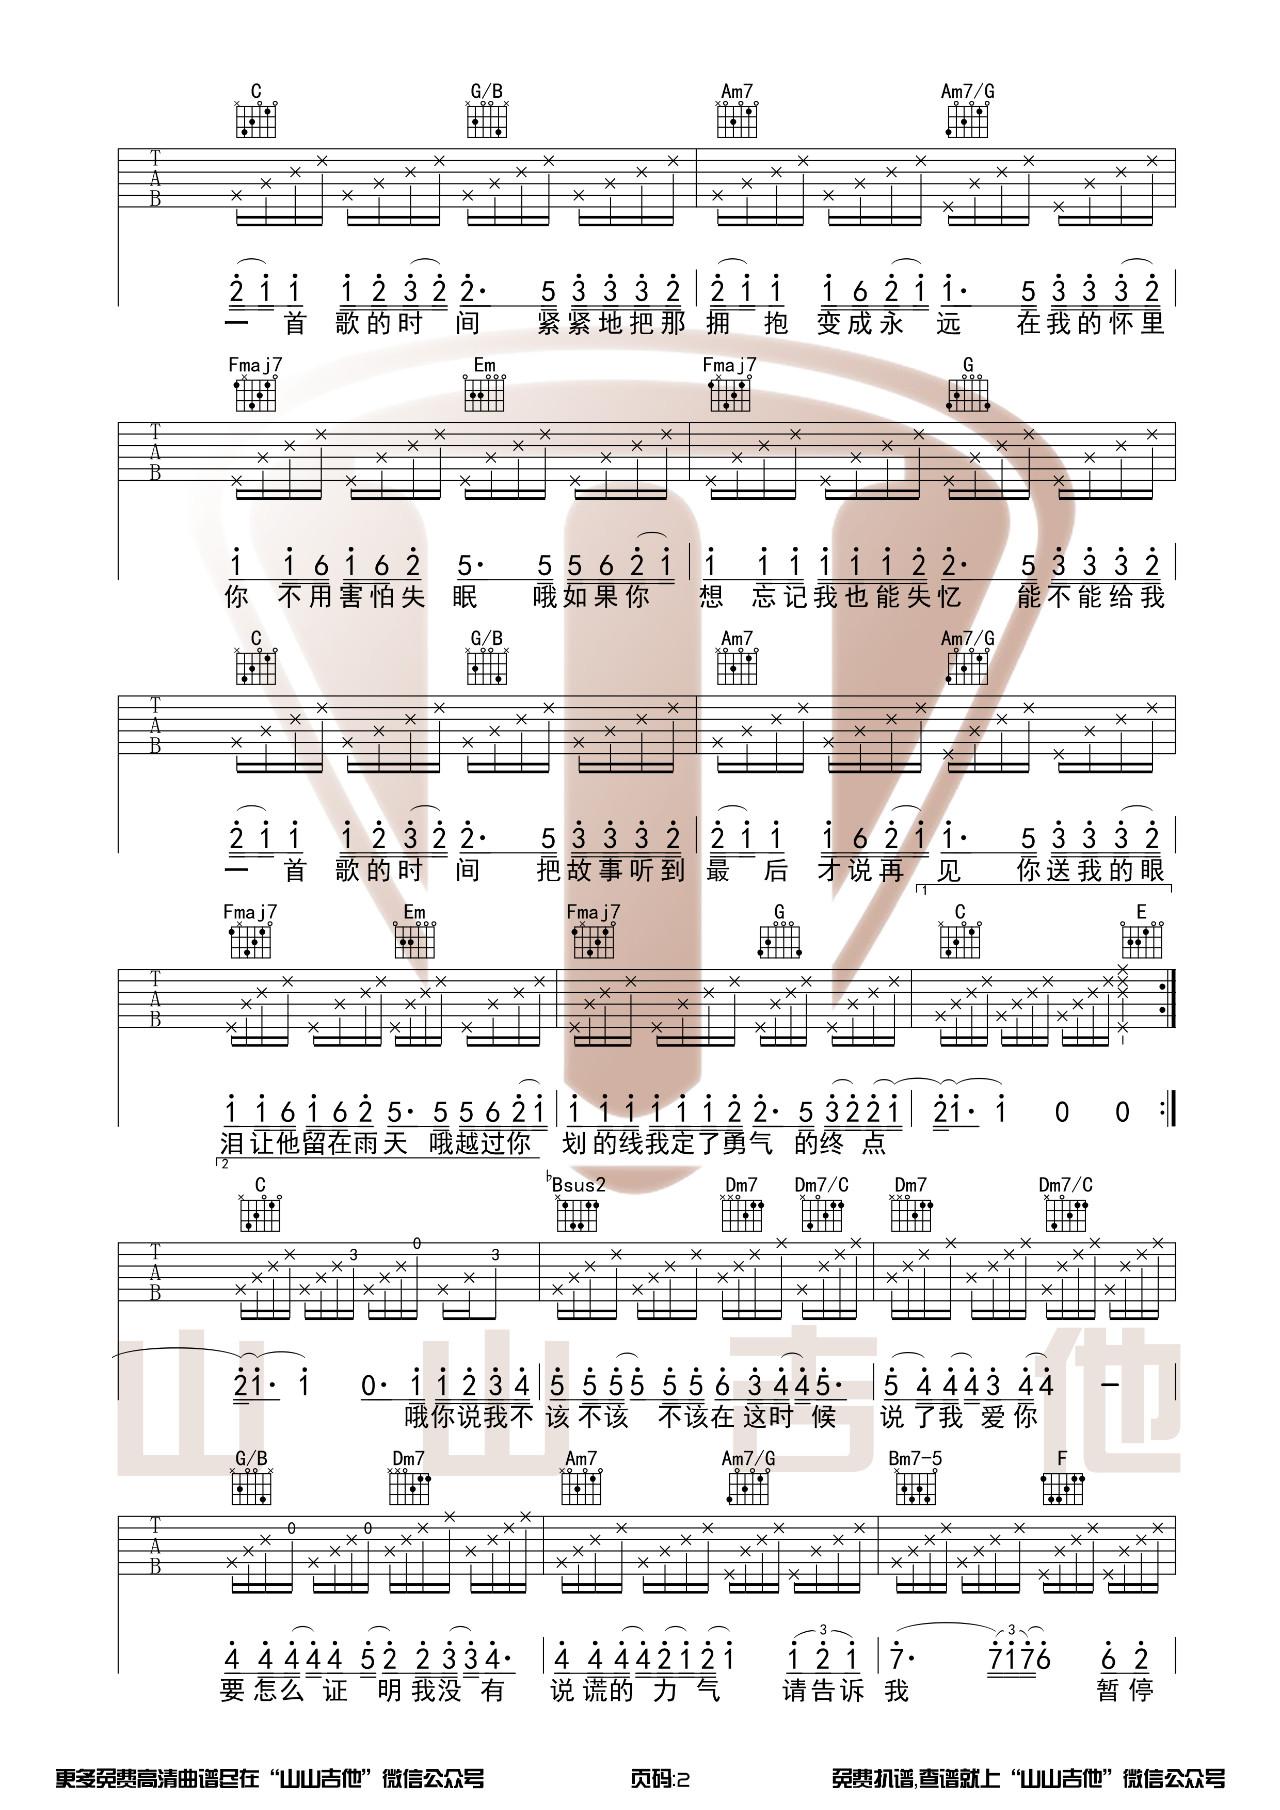 吉他派给我一首歌的时间吉他谱-2